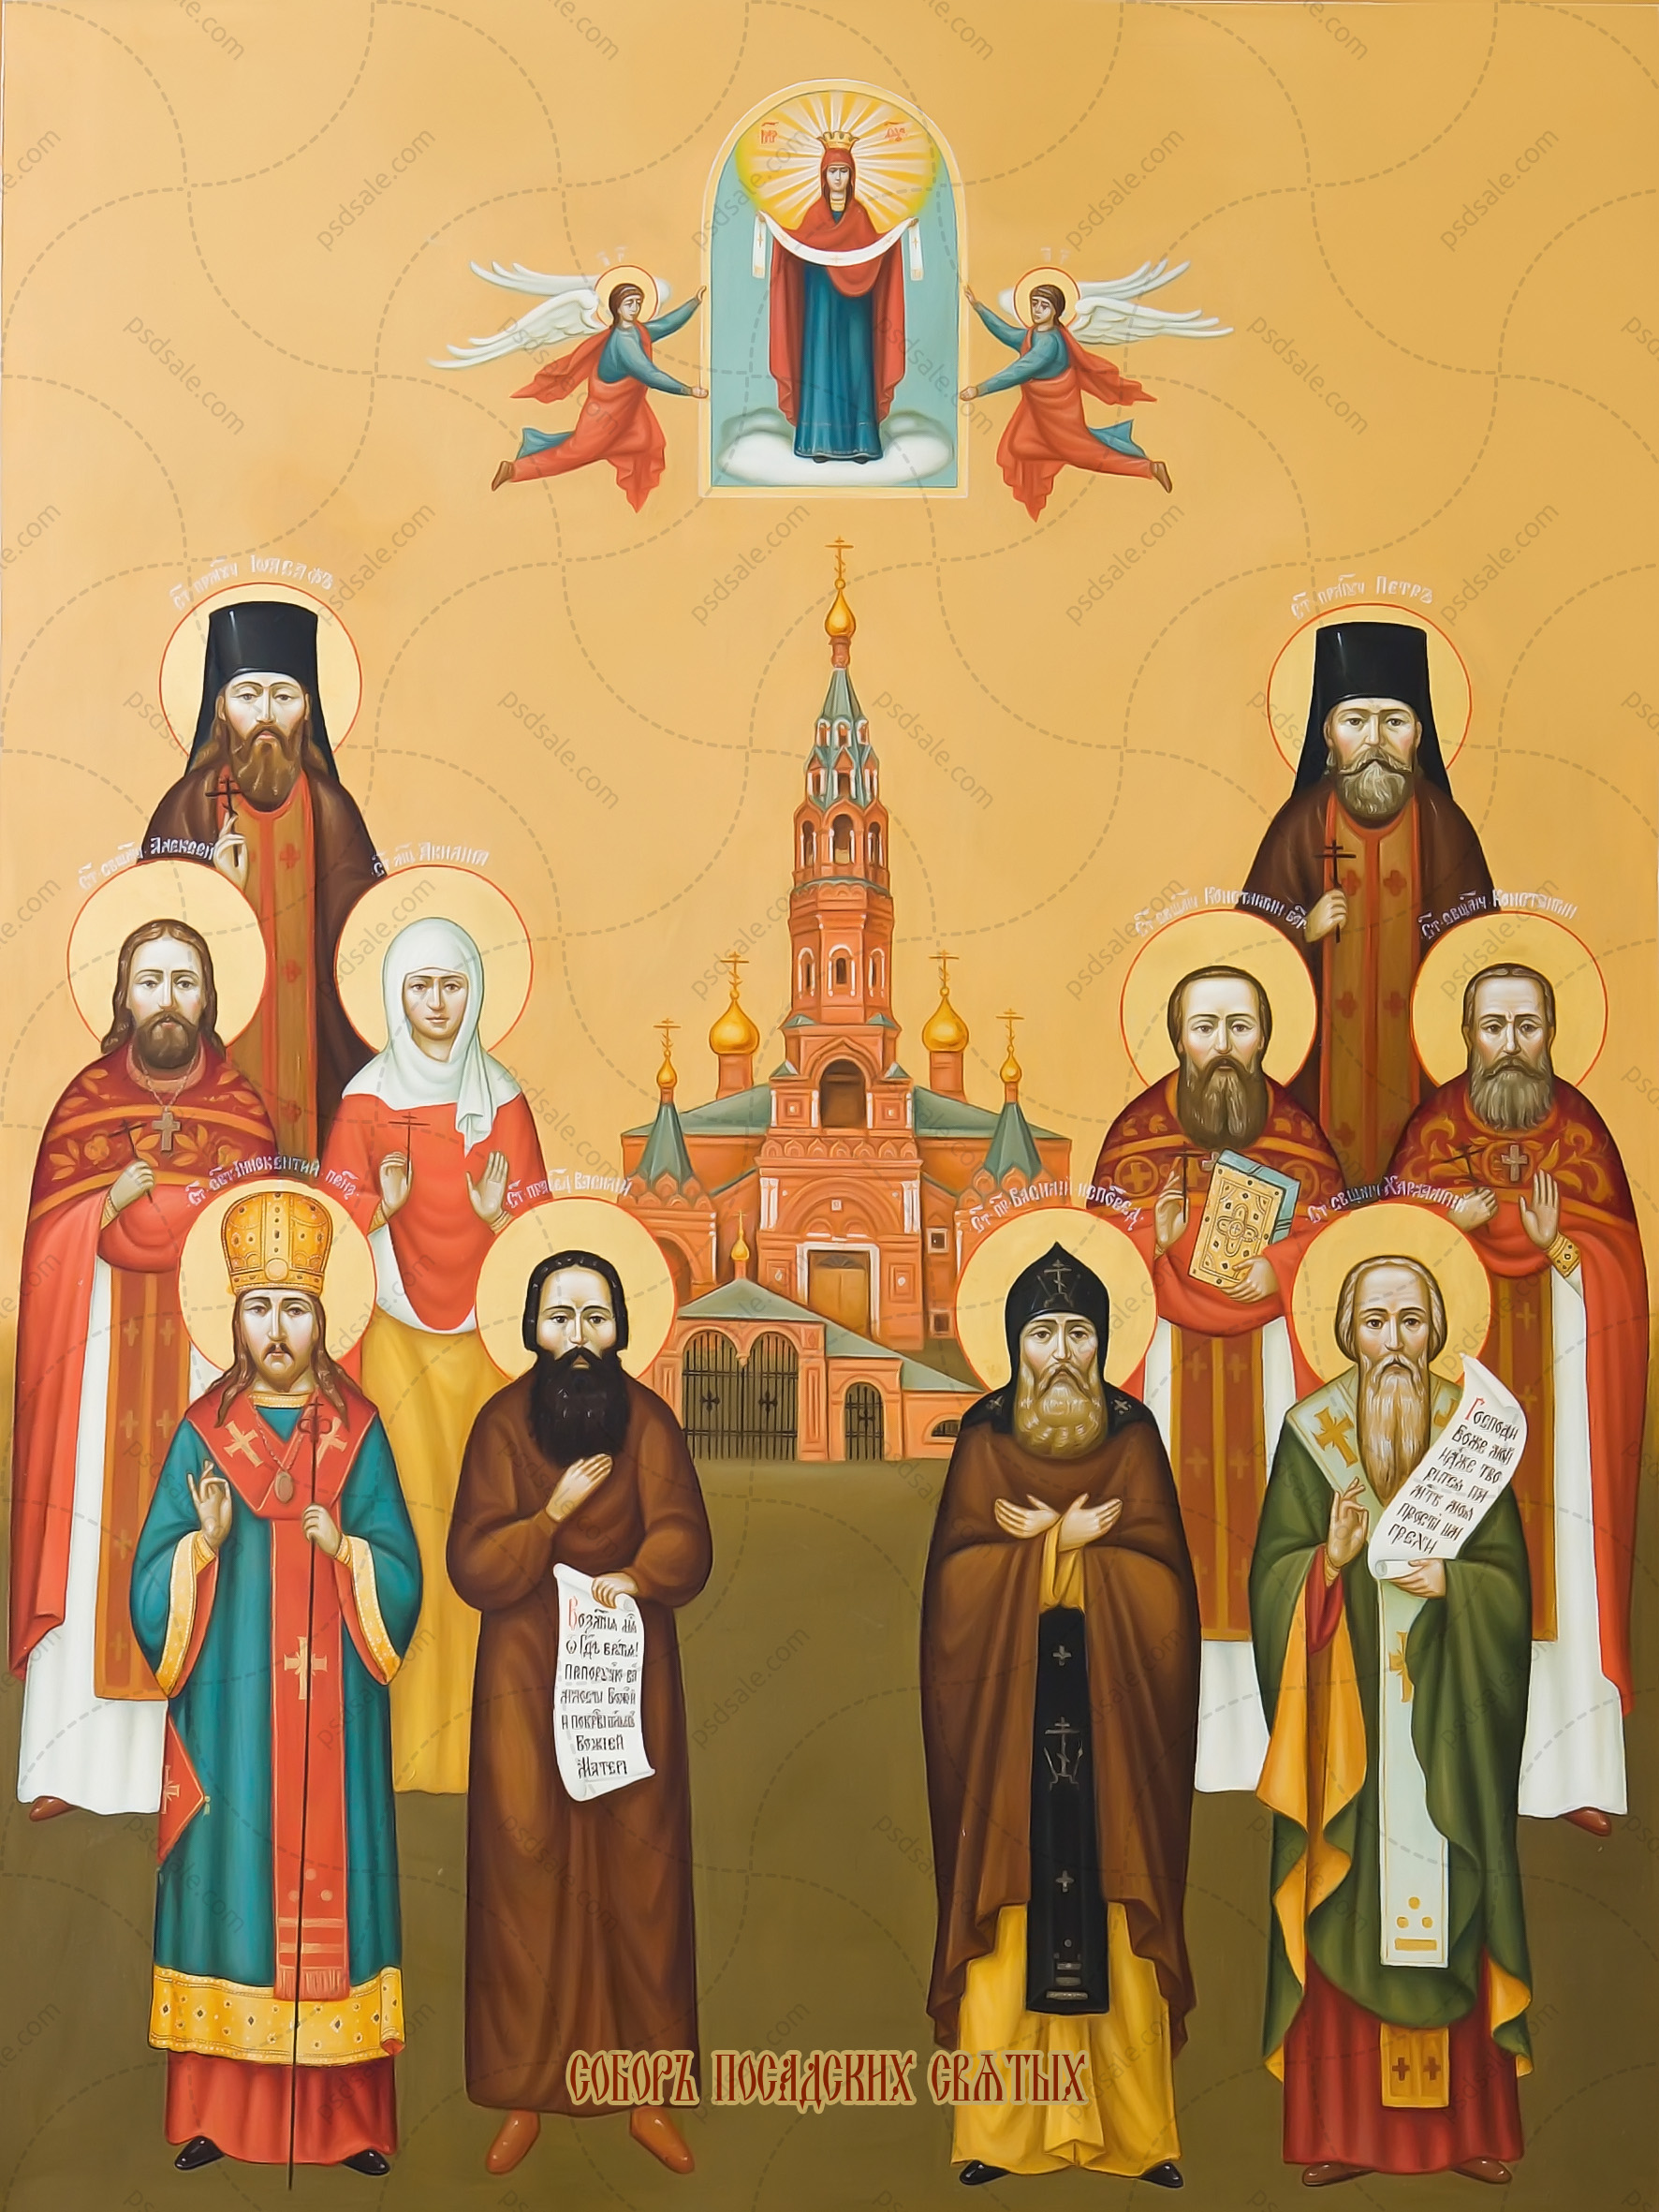 Собор Посадских святых